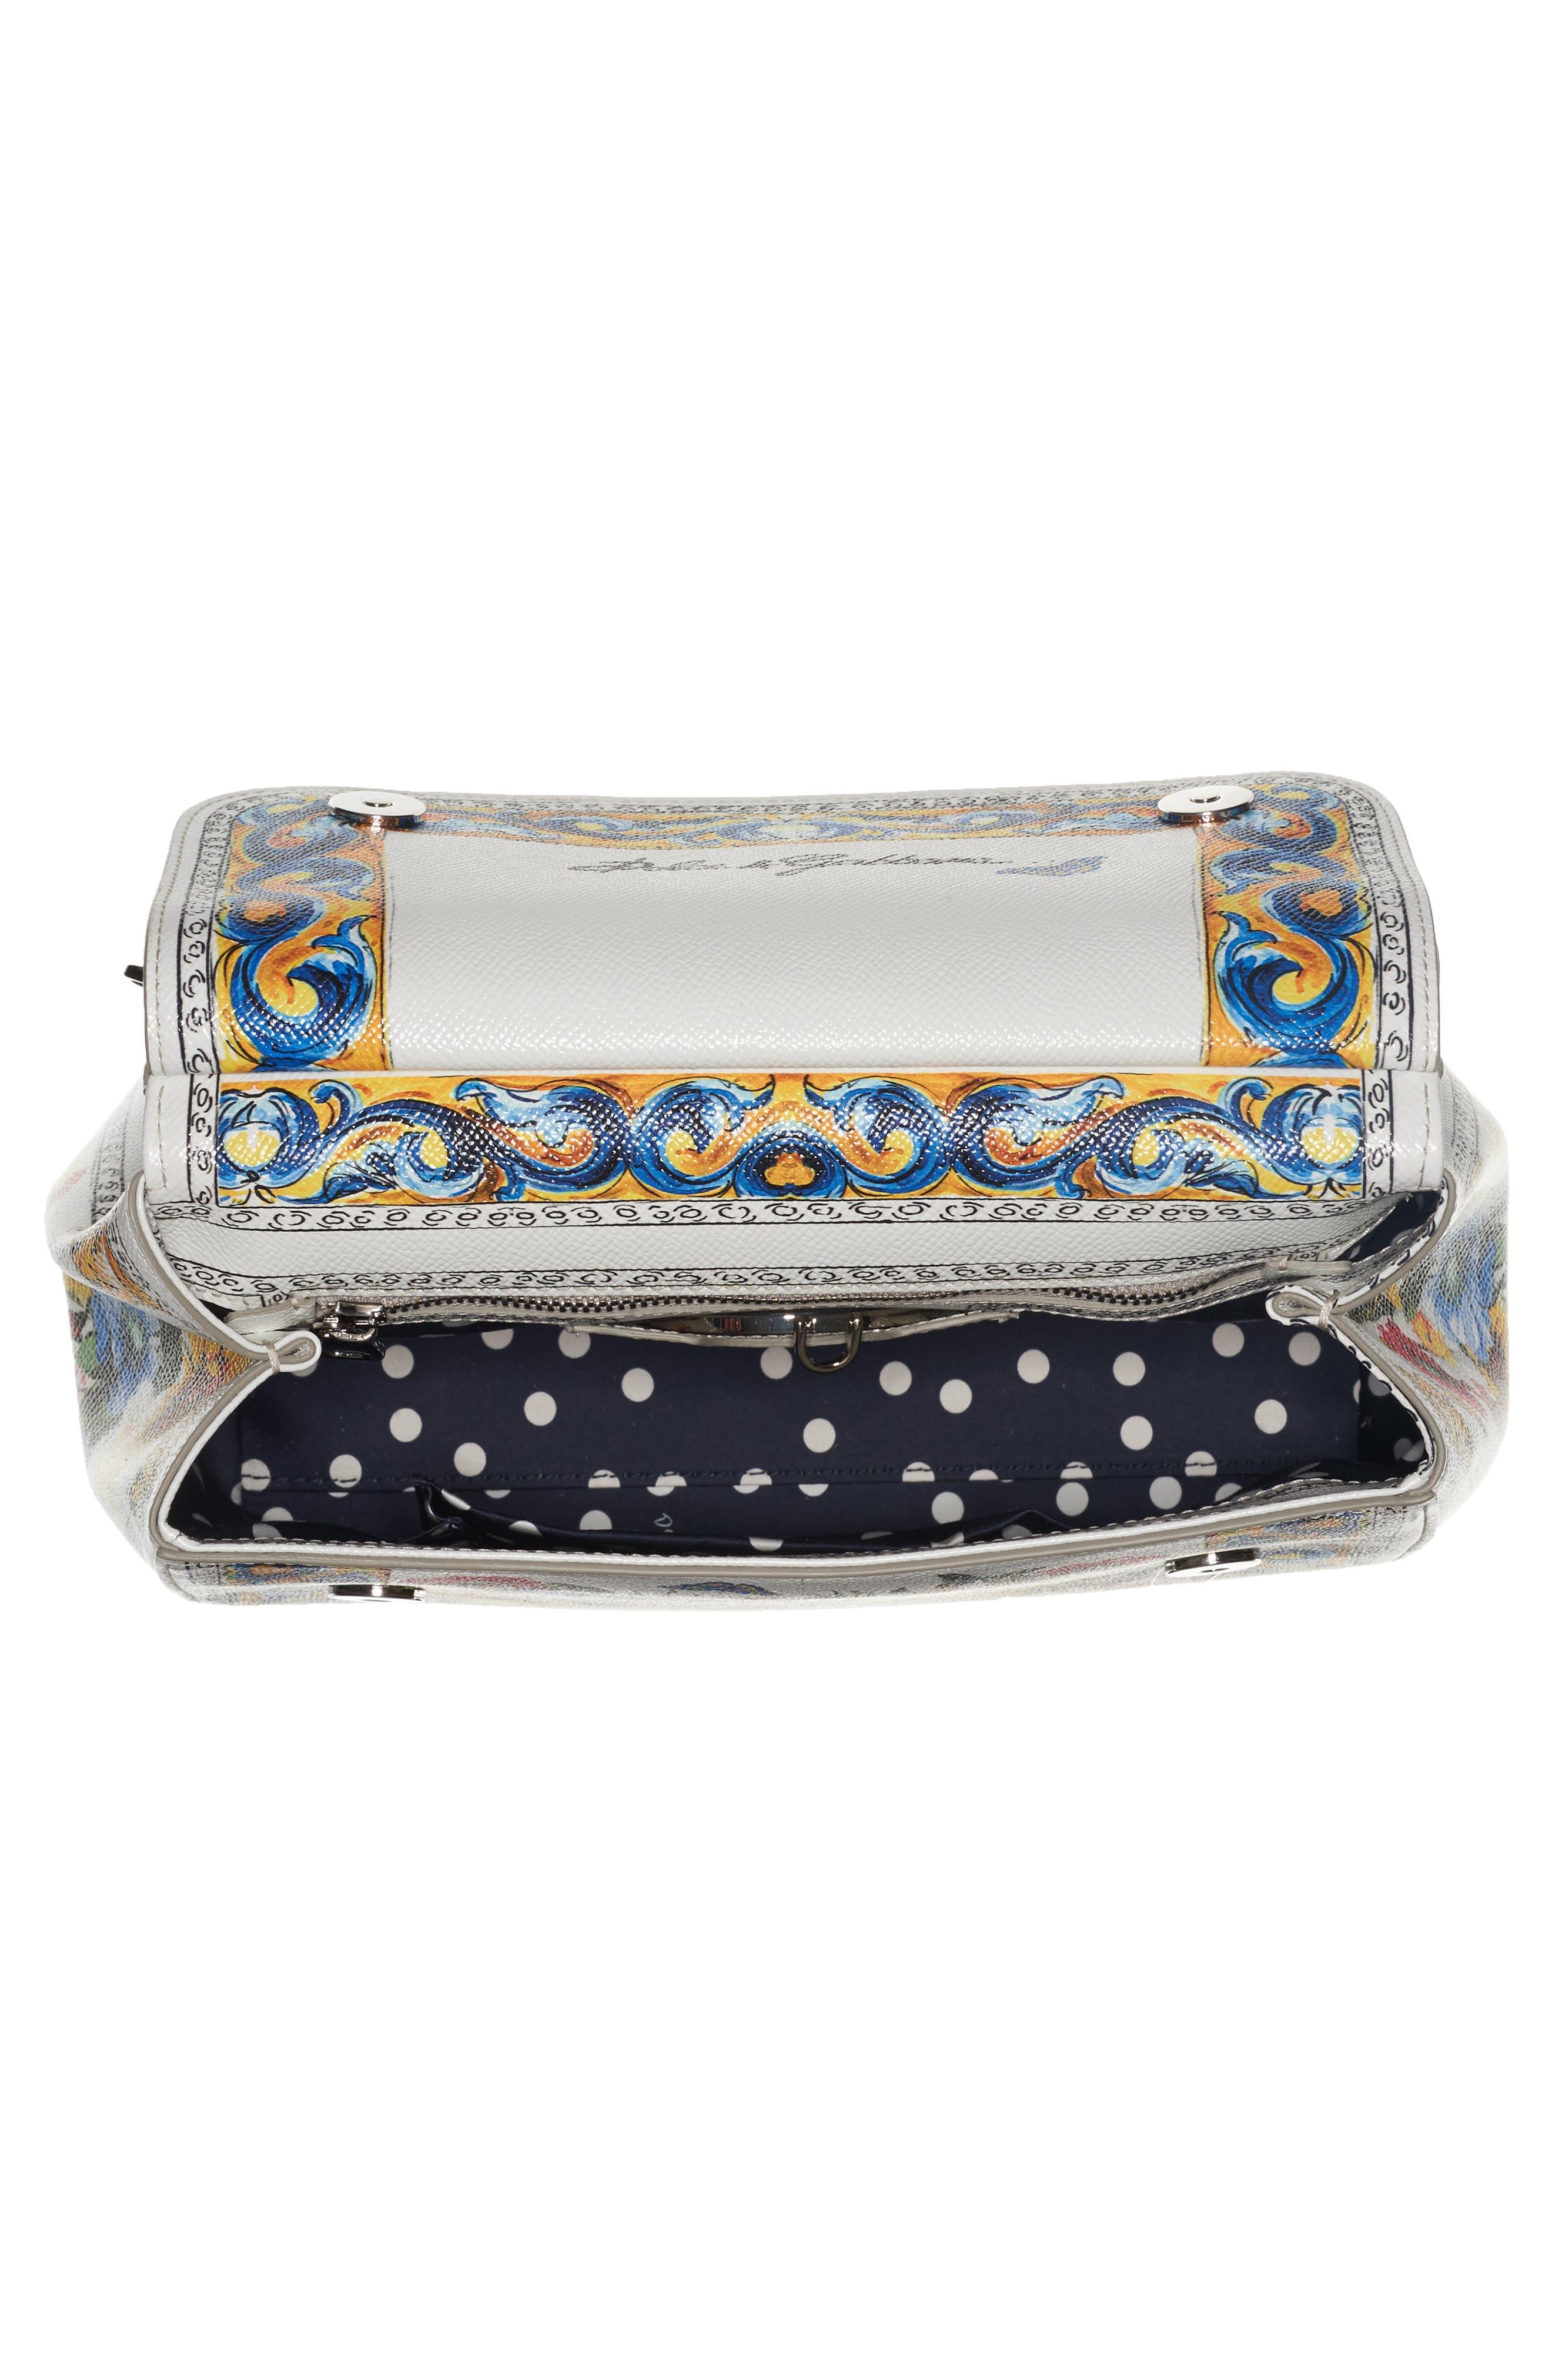 Alternate Image 3  - Dolce&Gabbana Medium Maiolica Fiori Sicily Leather Satchel